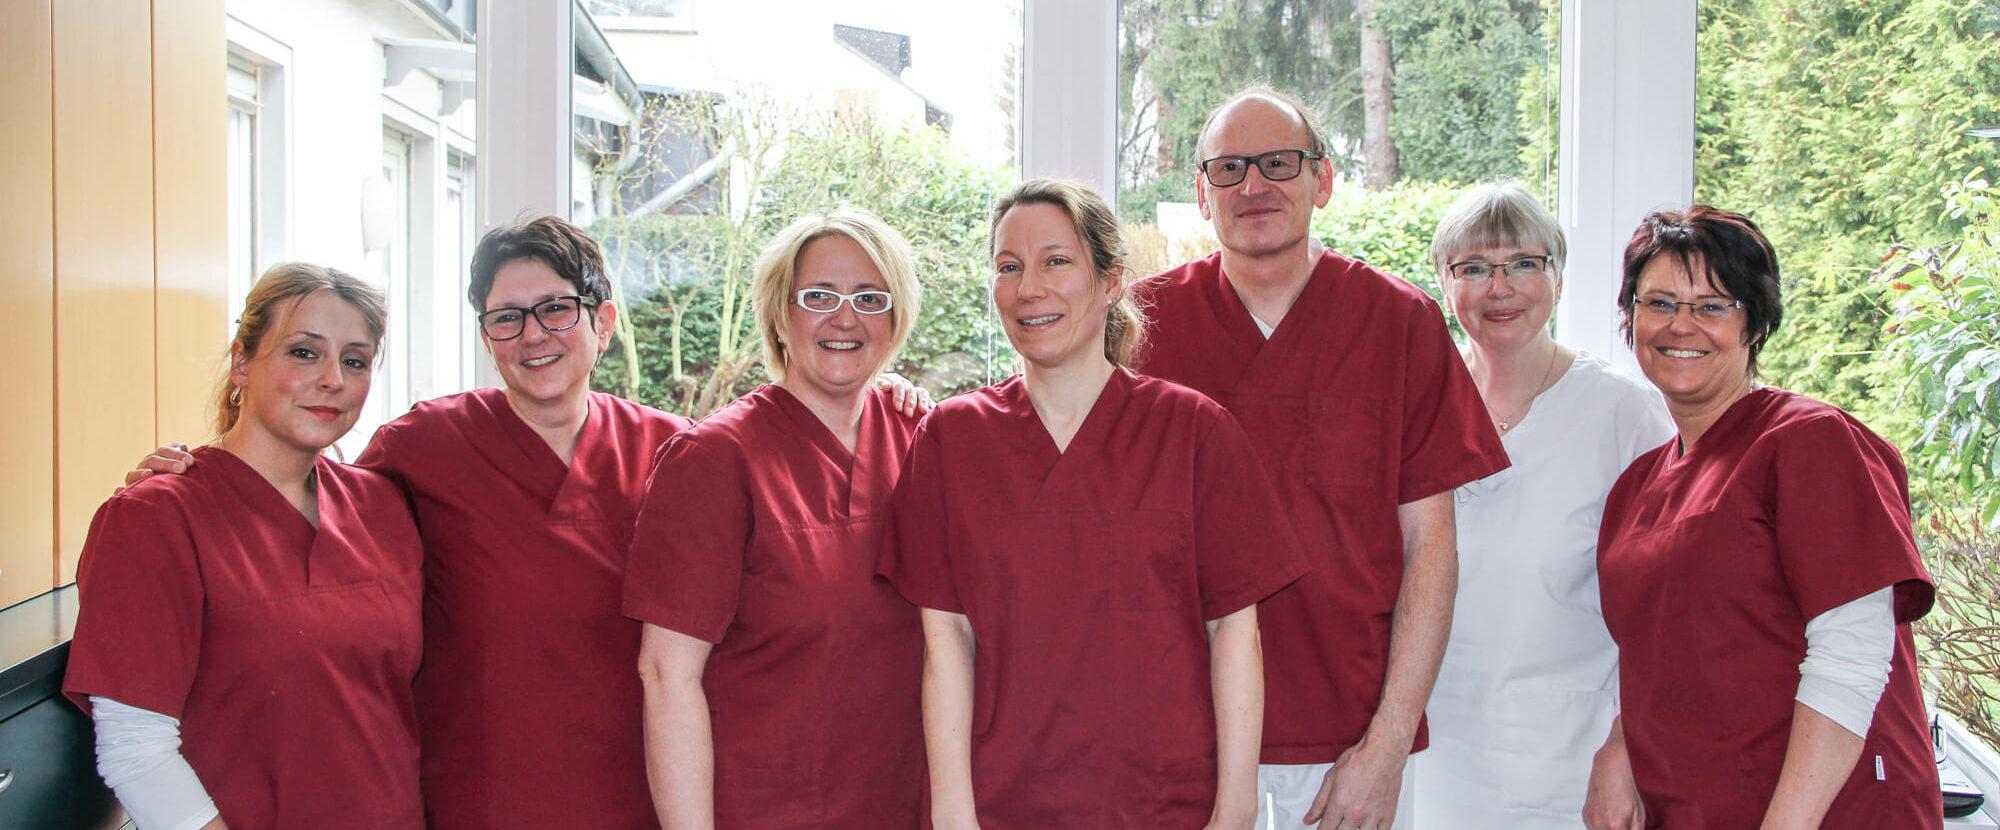 Zahnarzt Praxisteam